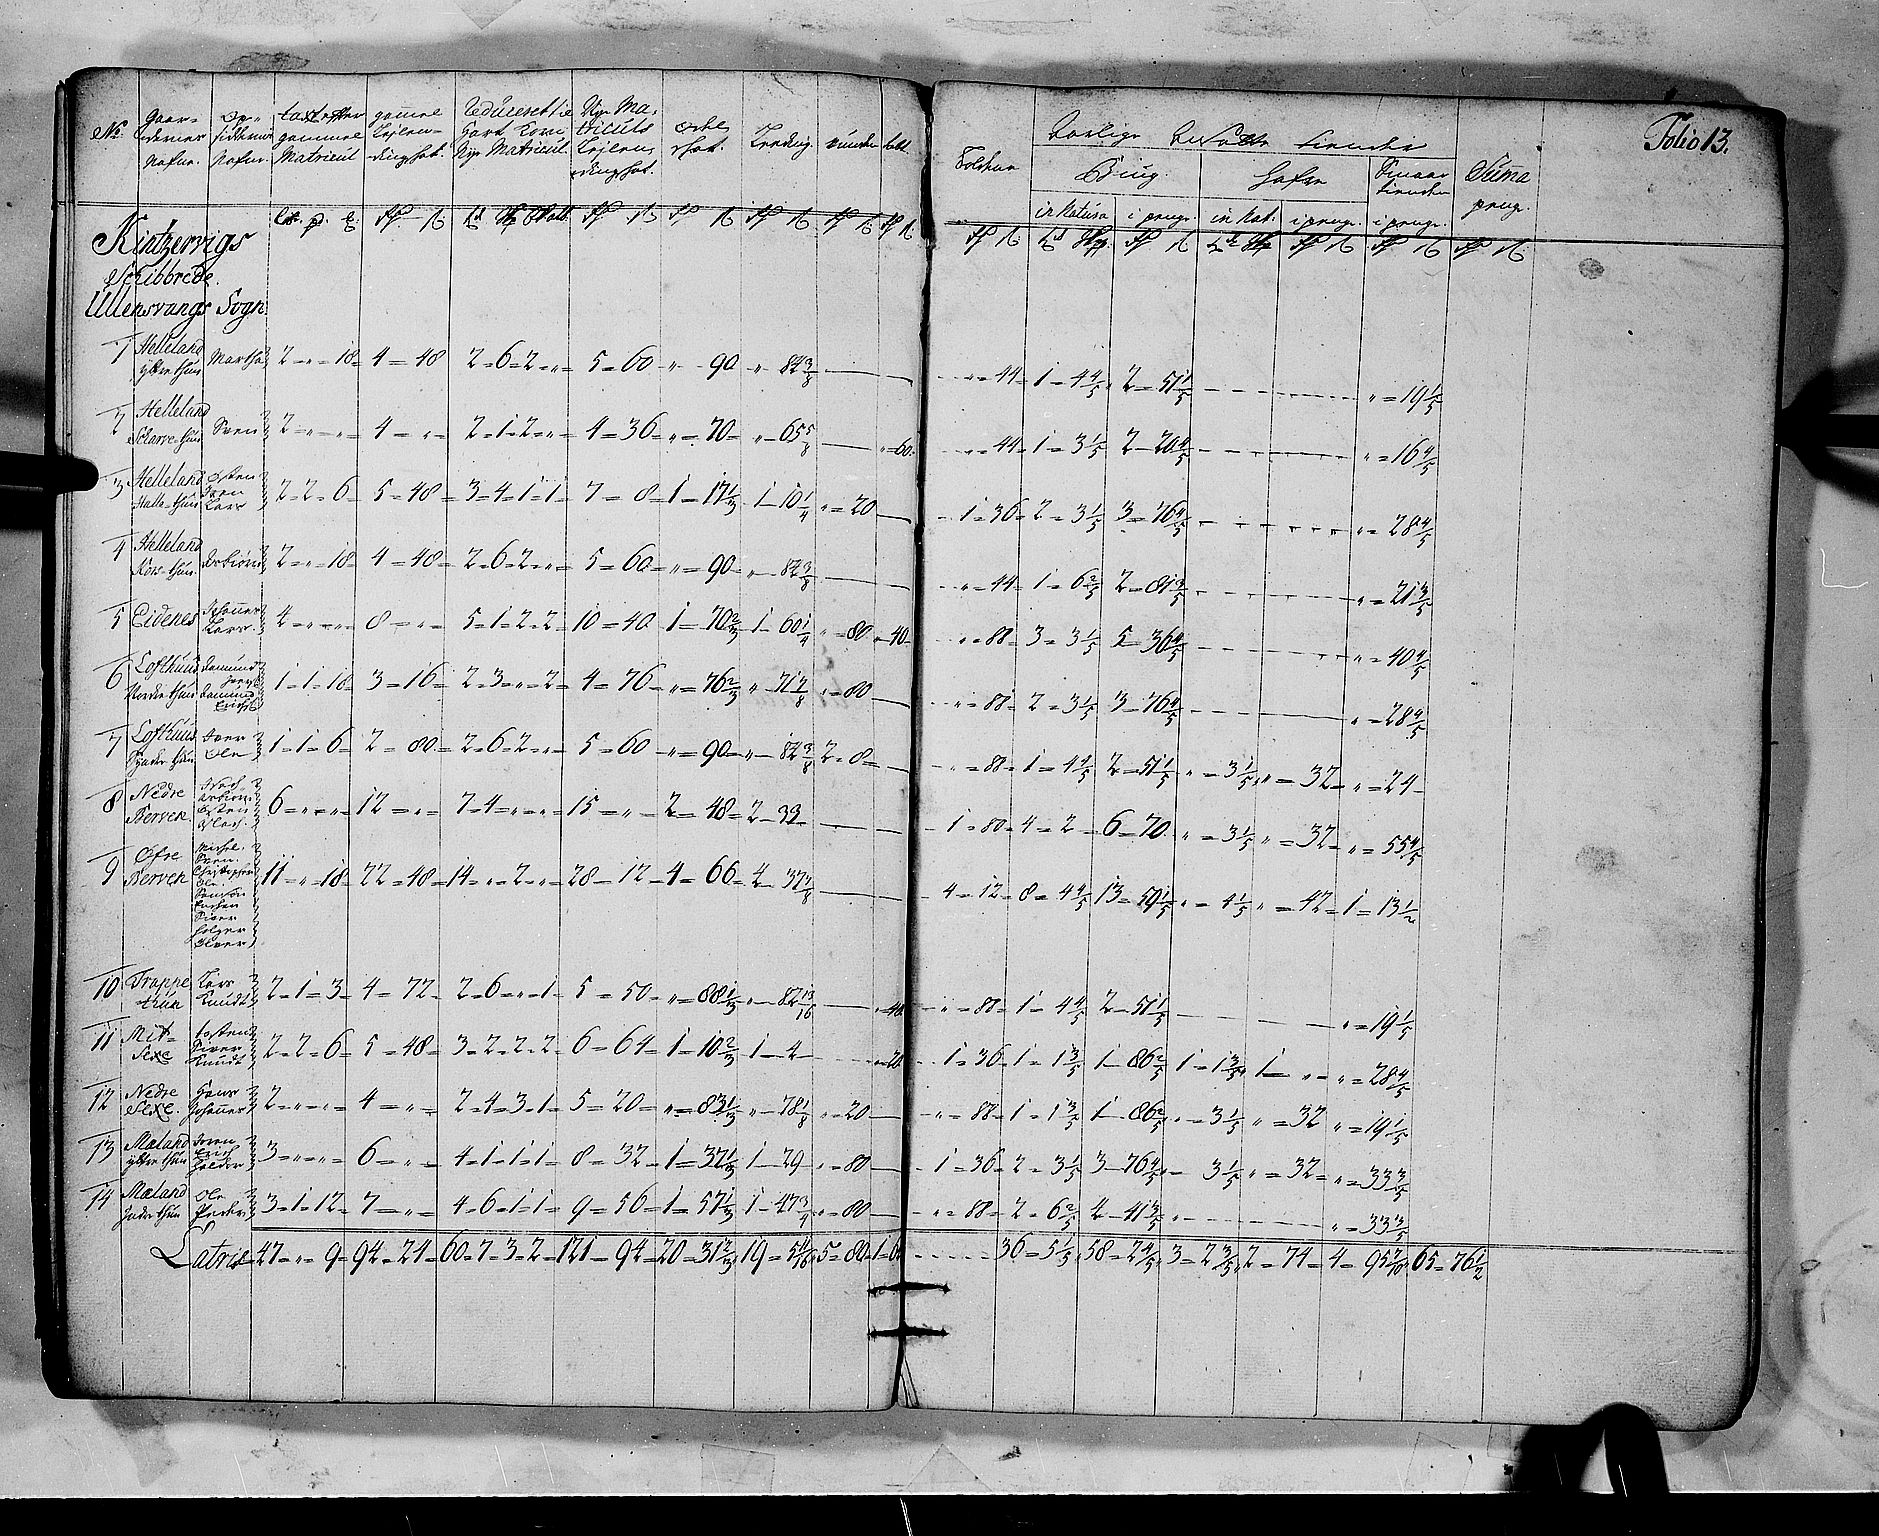 RA, Rentekammeret inntil 1814, Realistisk ordnet avdeling, N/Nb/Nbf/L0137: Hardanger matrikkelprotokoll, 1723, s. 12b-13a